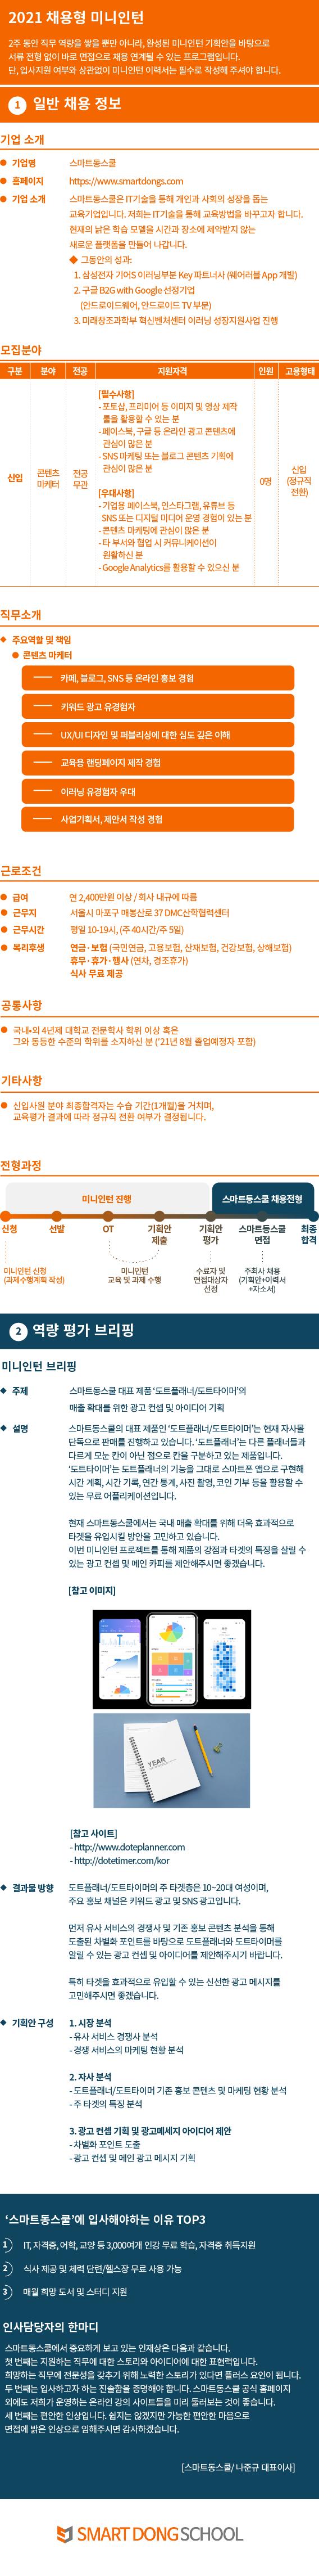 _랜딩페이지_스마트동스쿨(수정).png